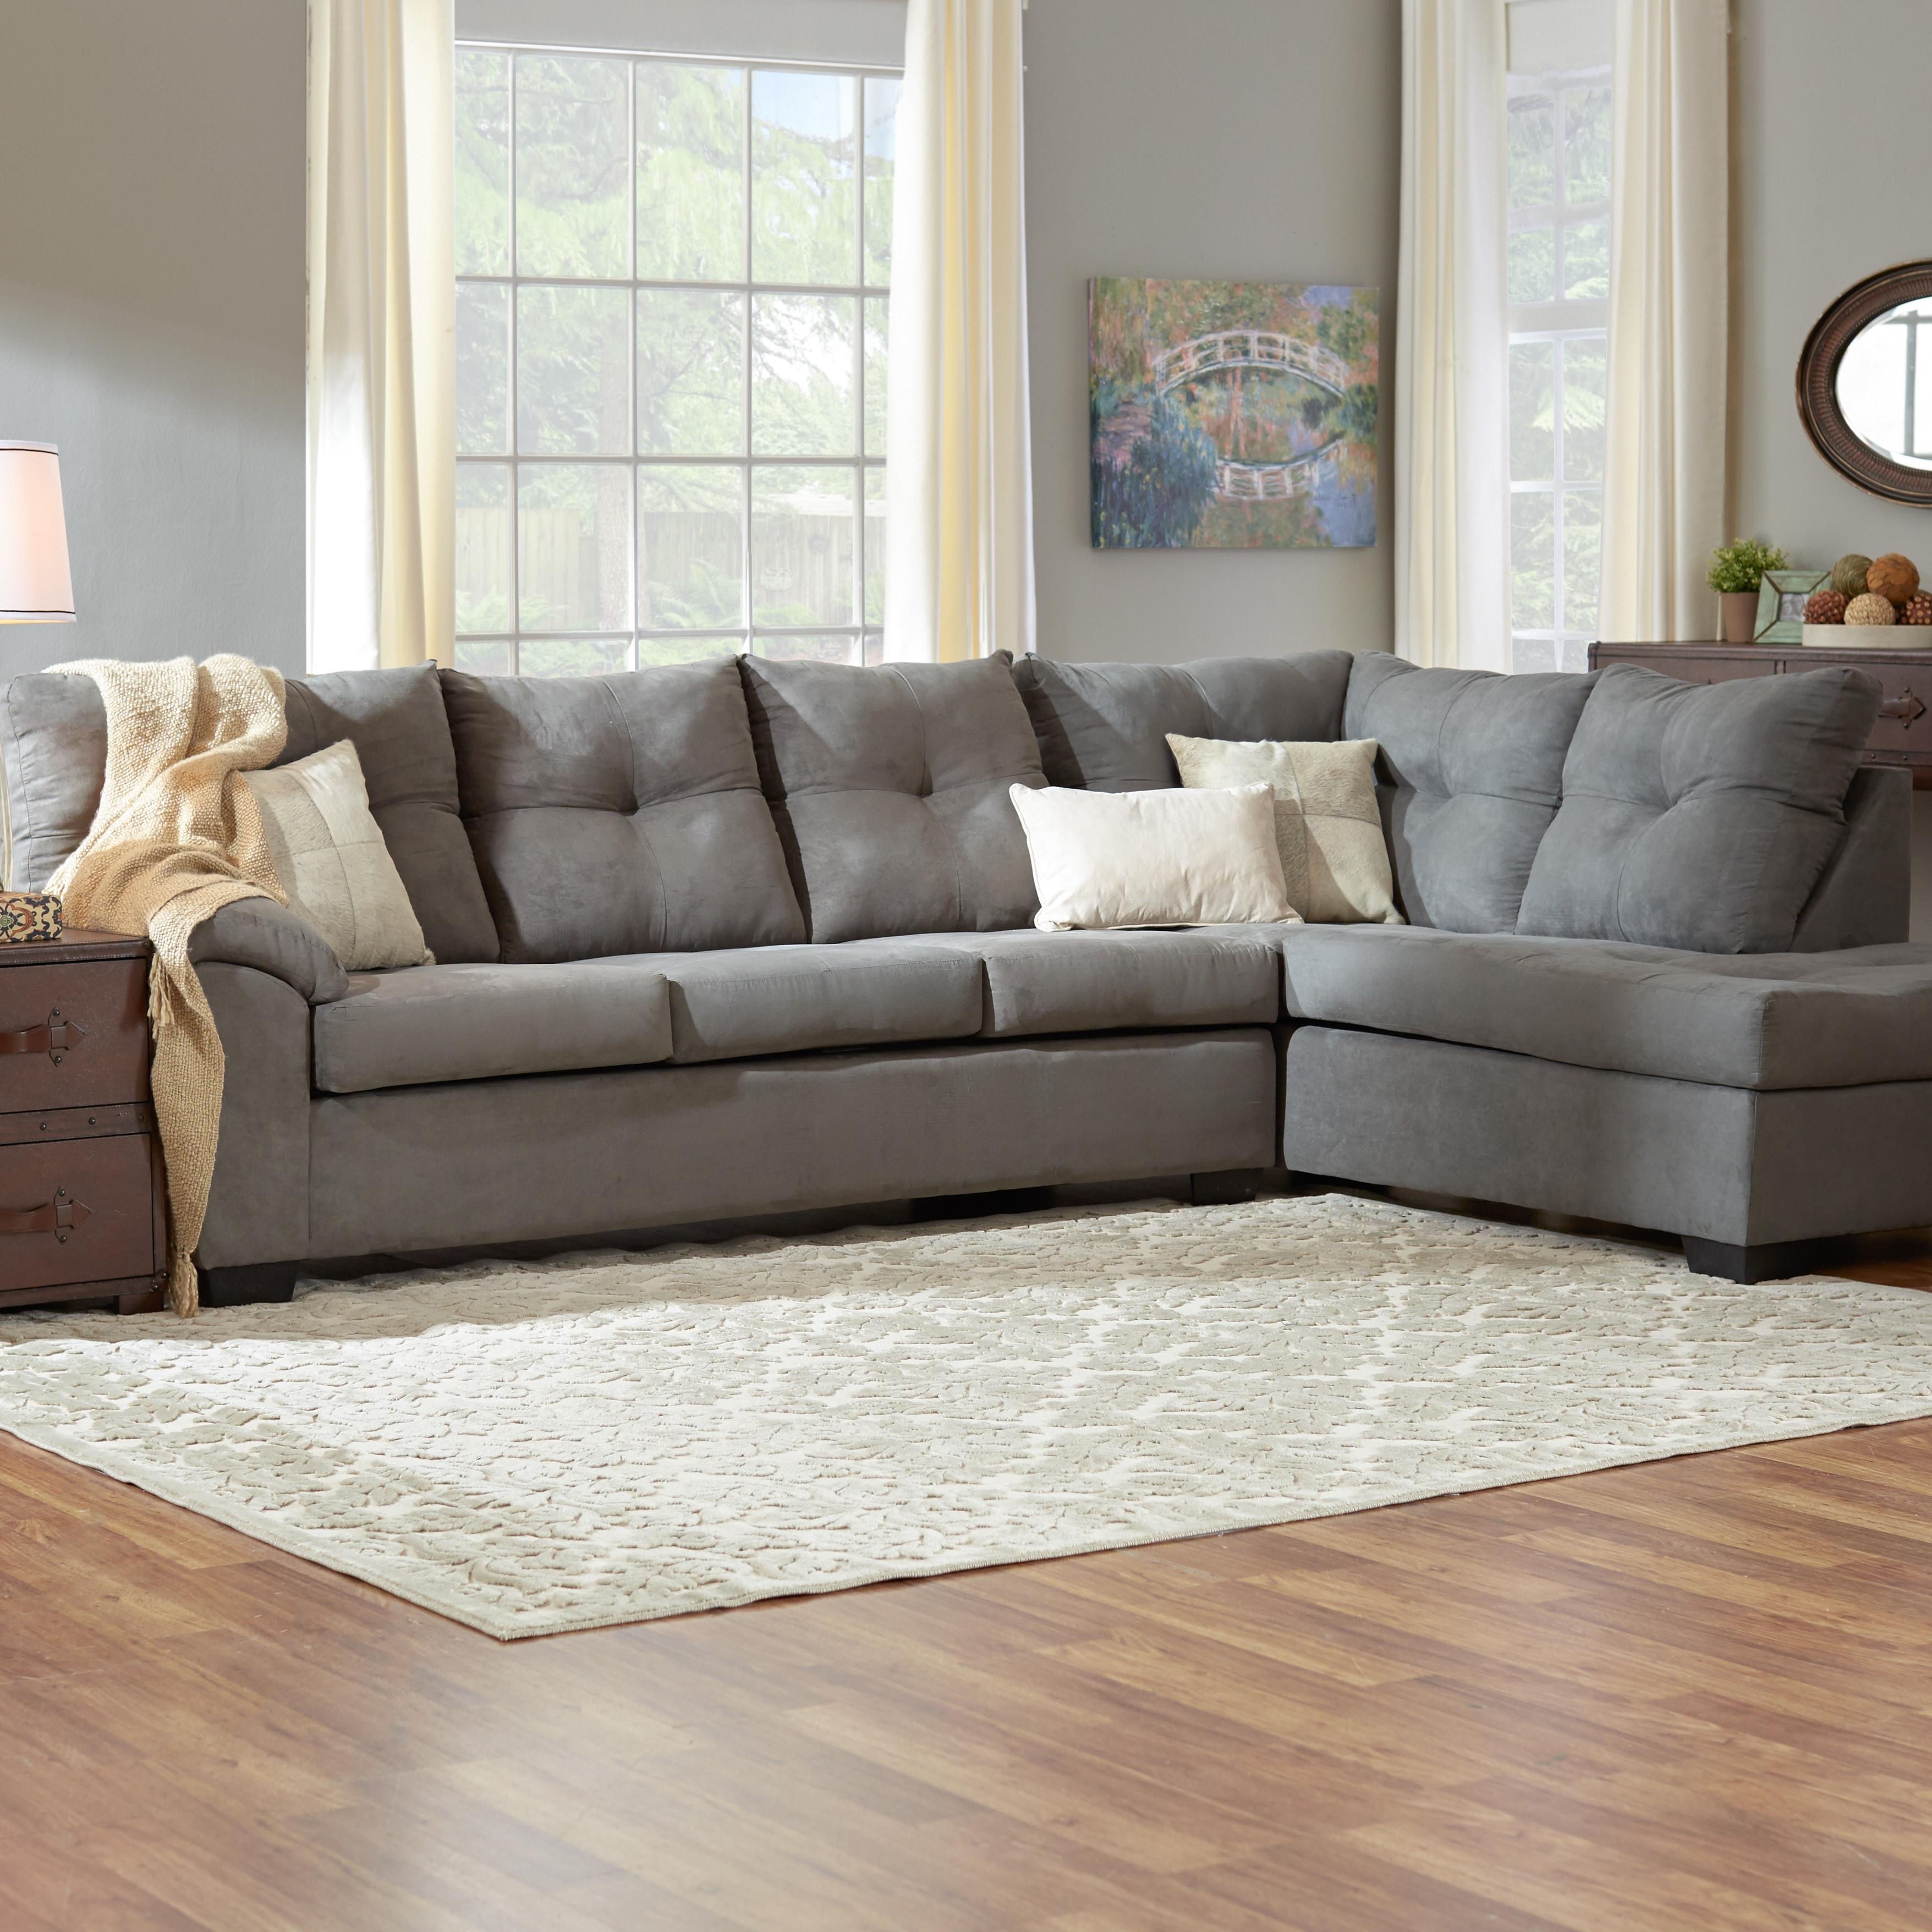 Cool Wayfair Sofa With Furniture Camden Sofa Sectional Couch For With Wayfair Sectional Sofas (Image 2 of 10)